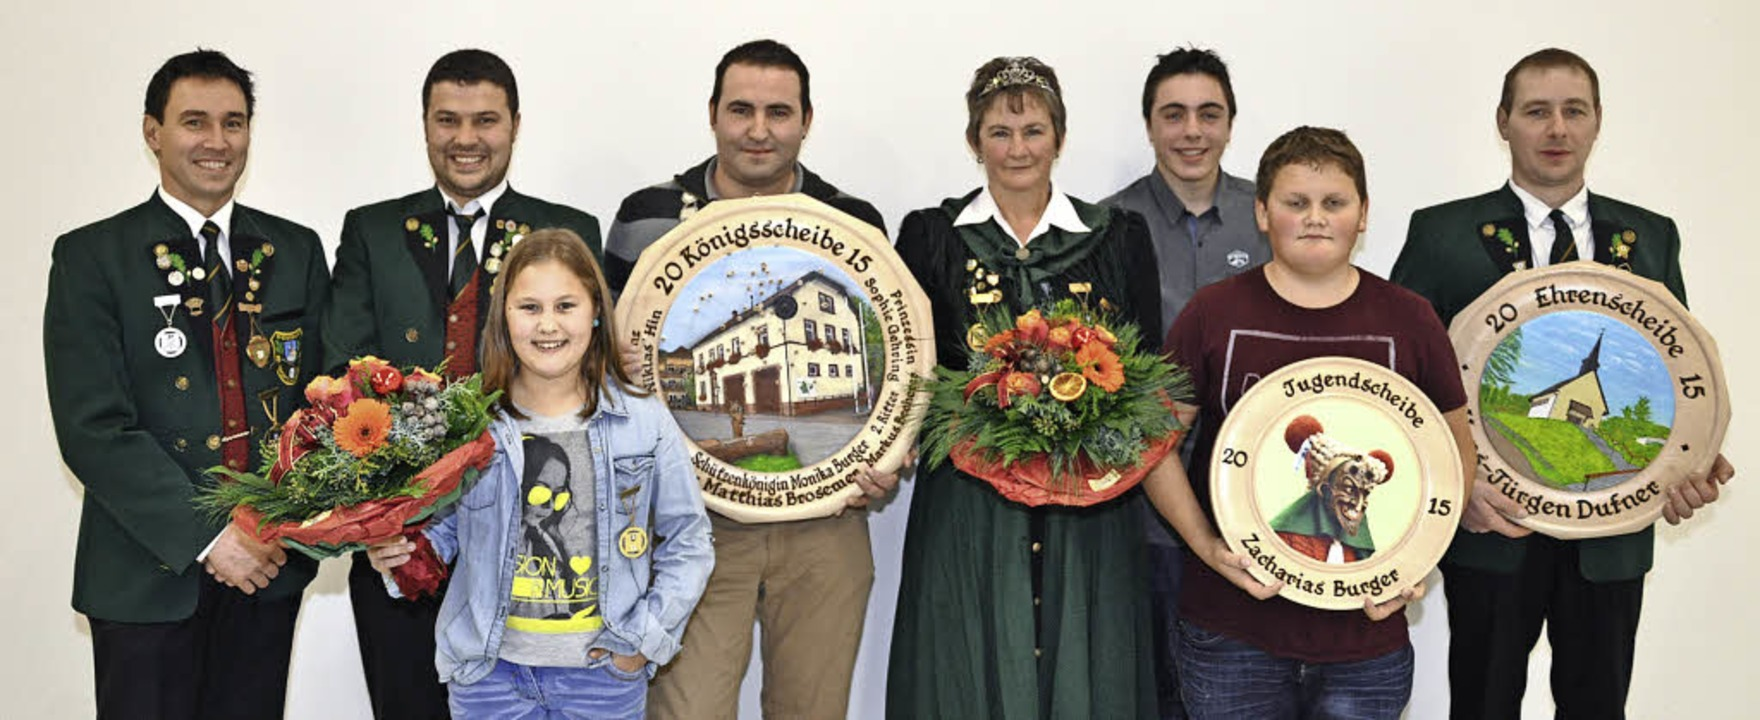 Die neue Königsfamilie der Biederbache...Burger, Hans-Jürgen Dufner (von links)  | Foto: Verein